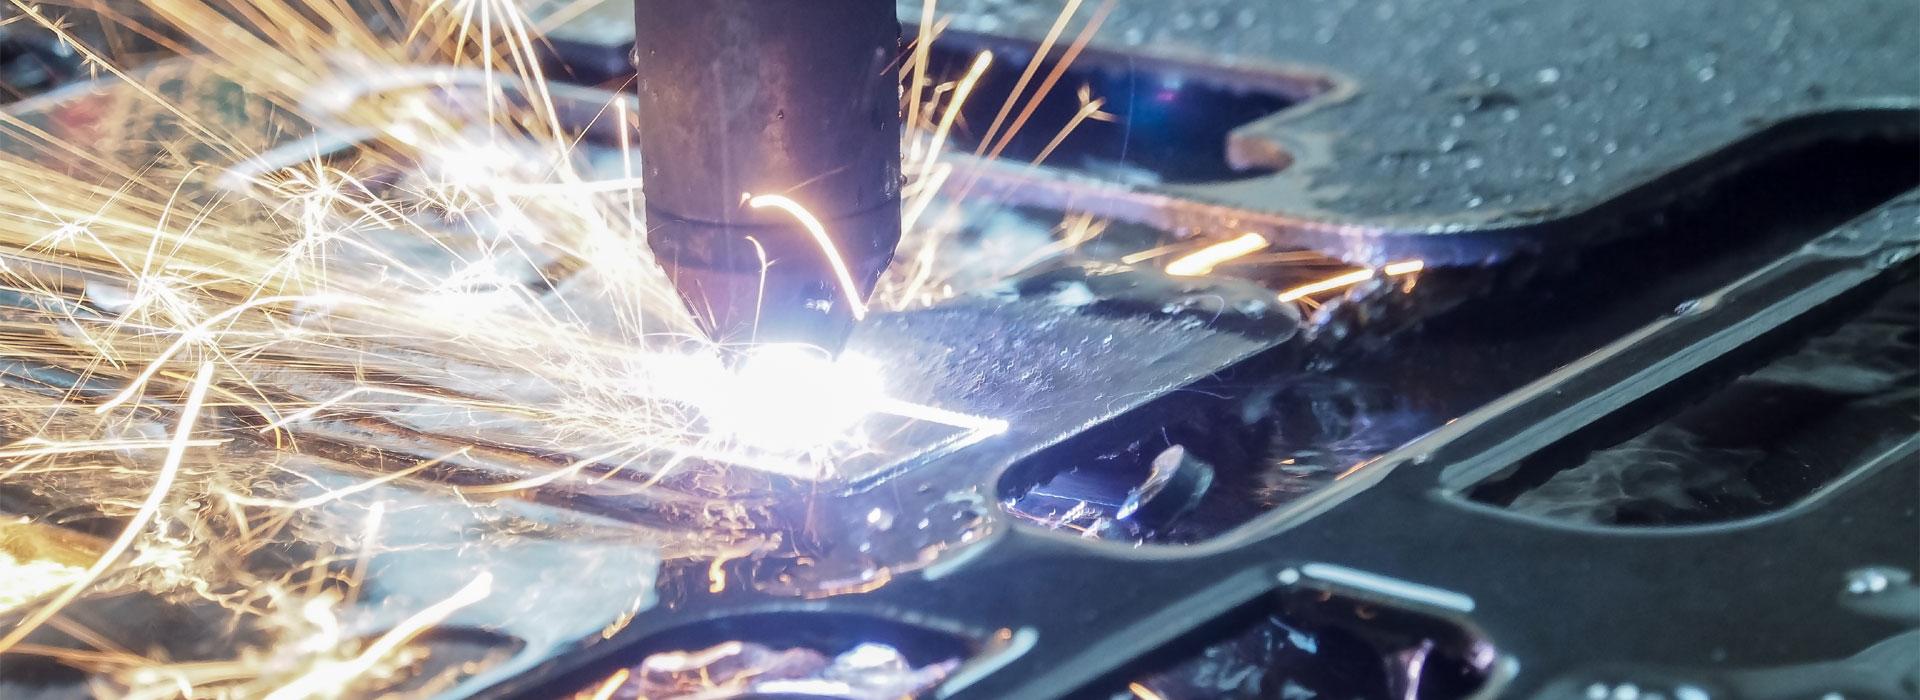 produzione di particolari meccanici